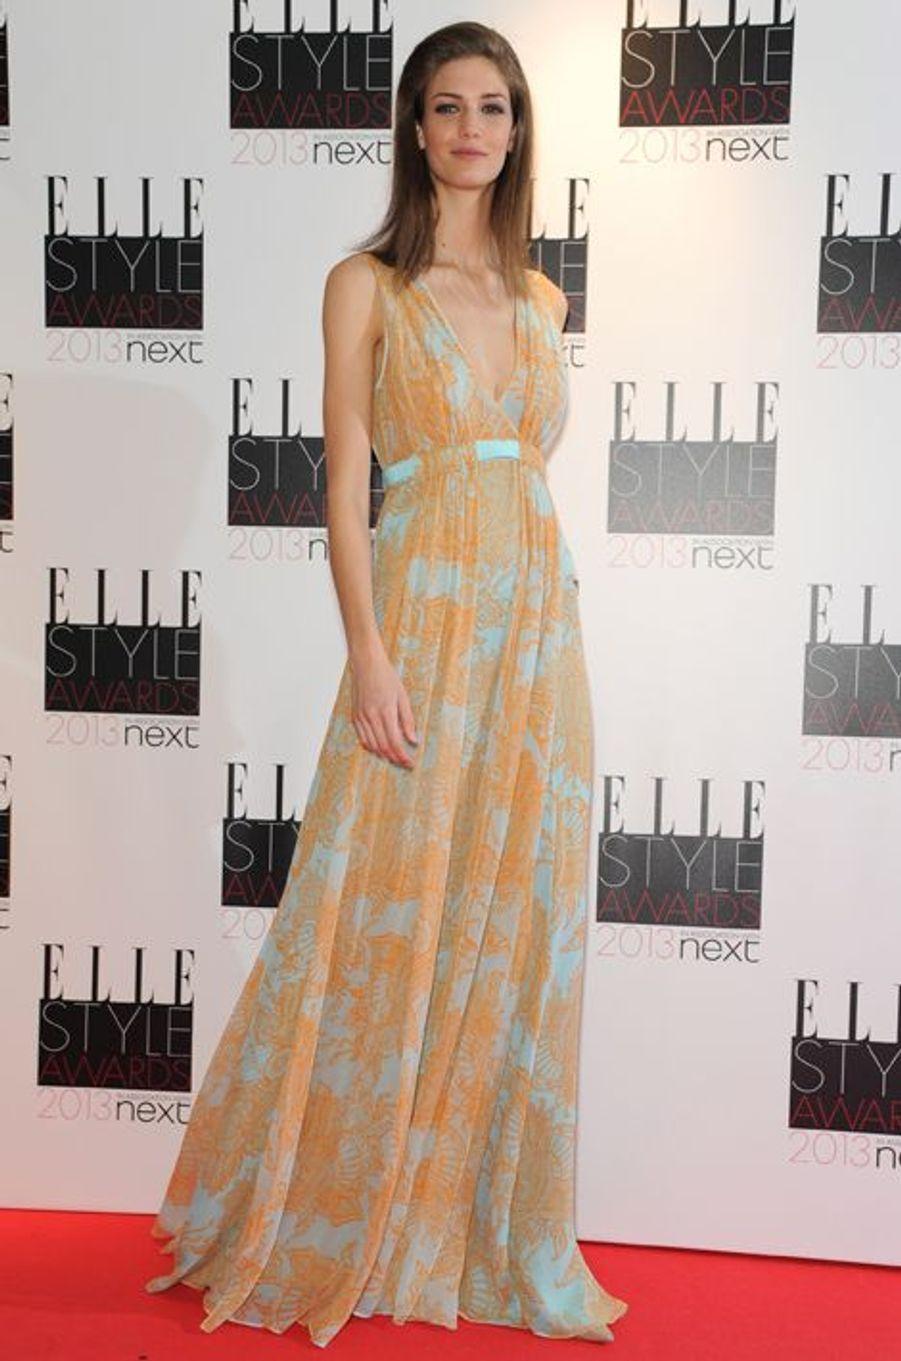 En février 2013 aux Elle Style Awards, à Londres